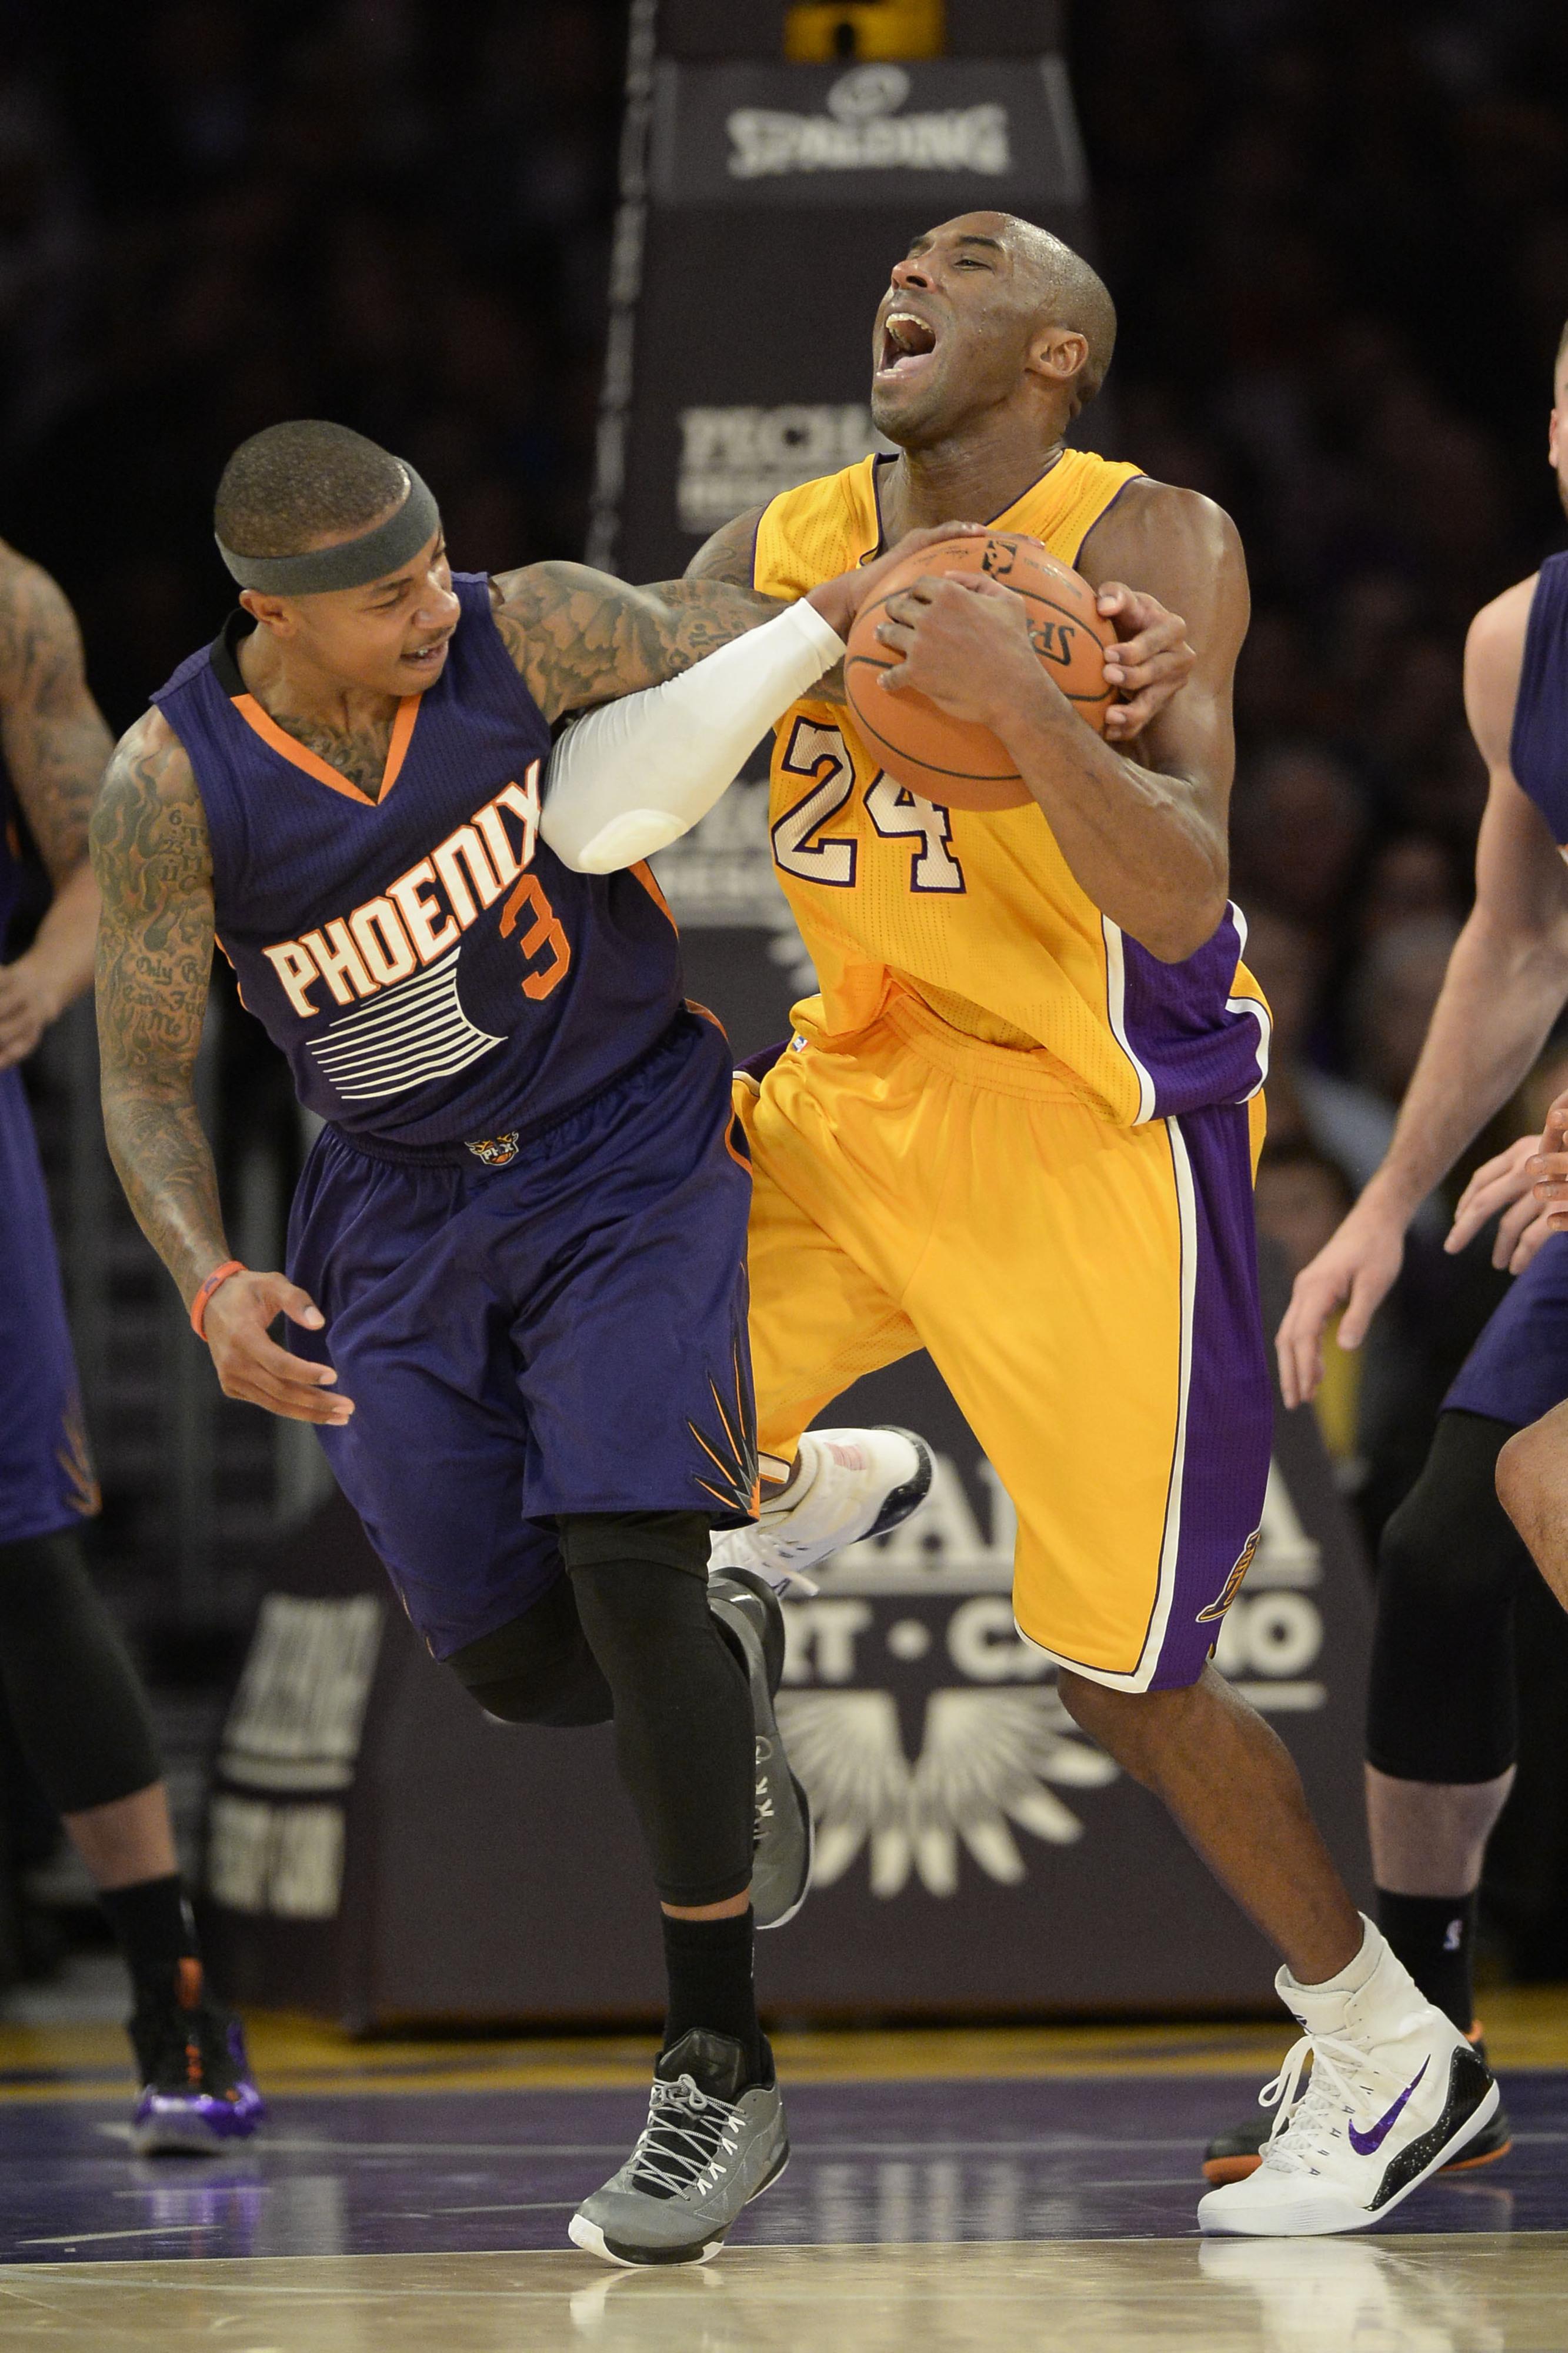 """""""Shut up, Kobe! That's my ball!"""""""